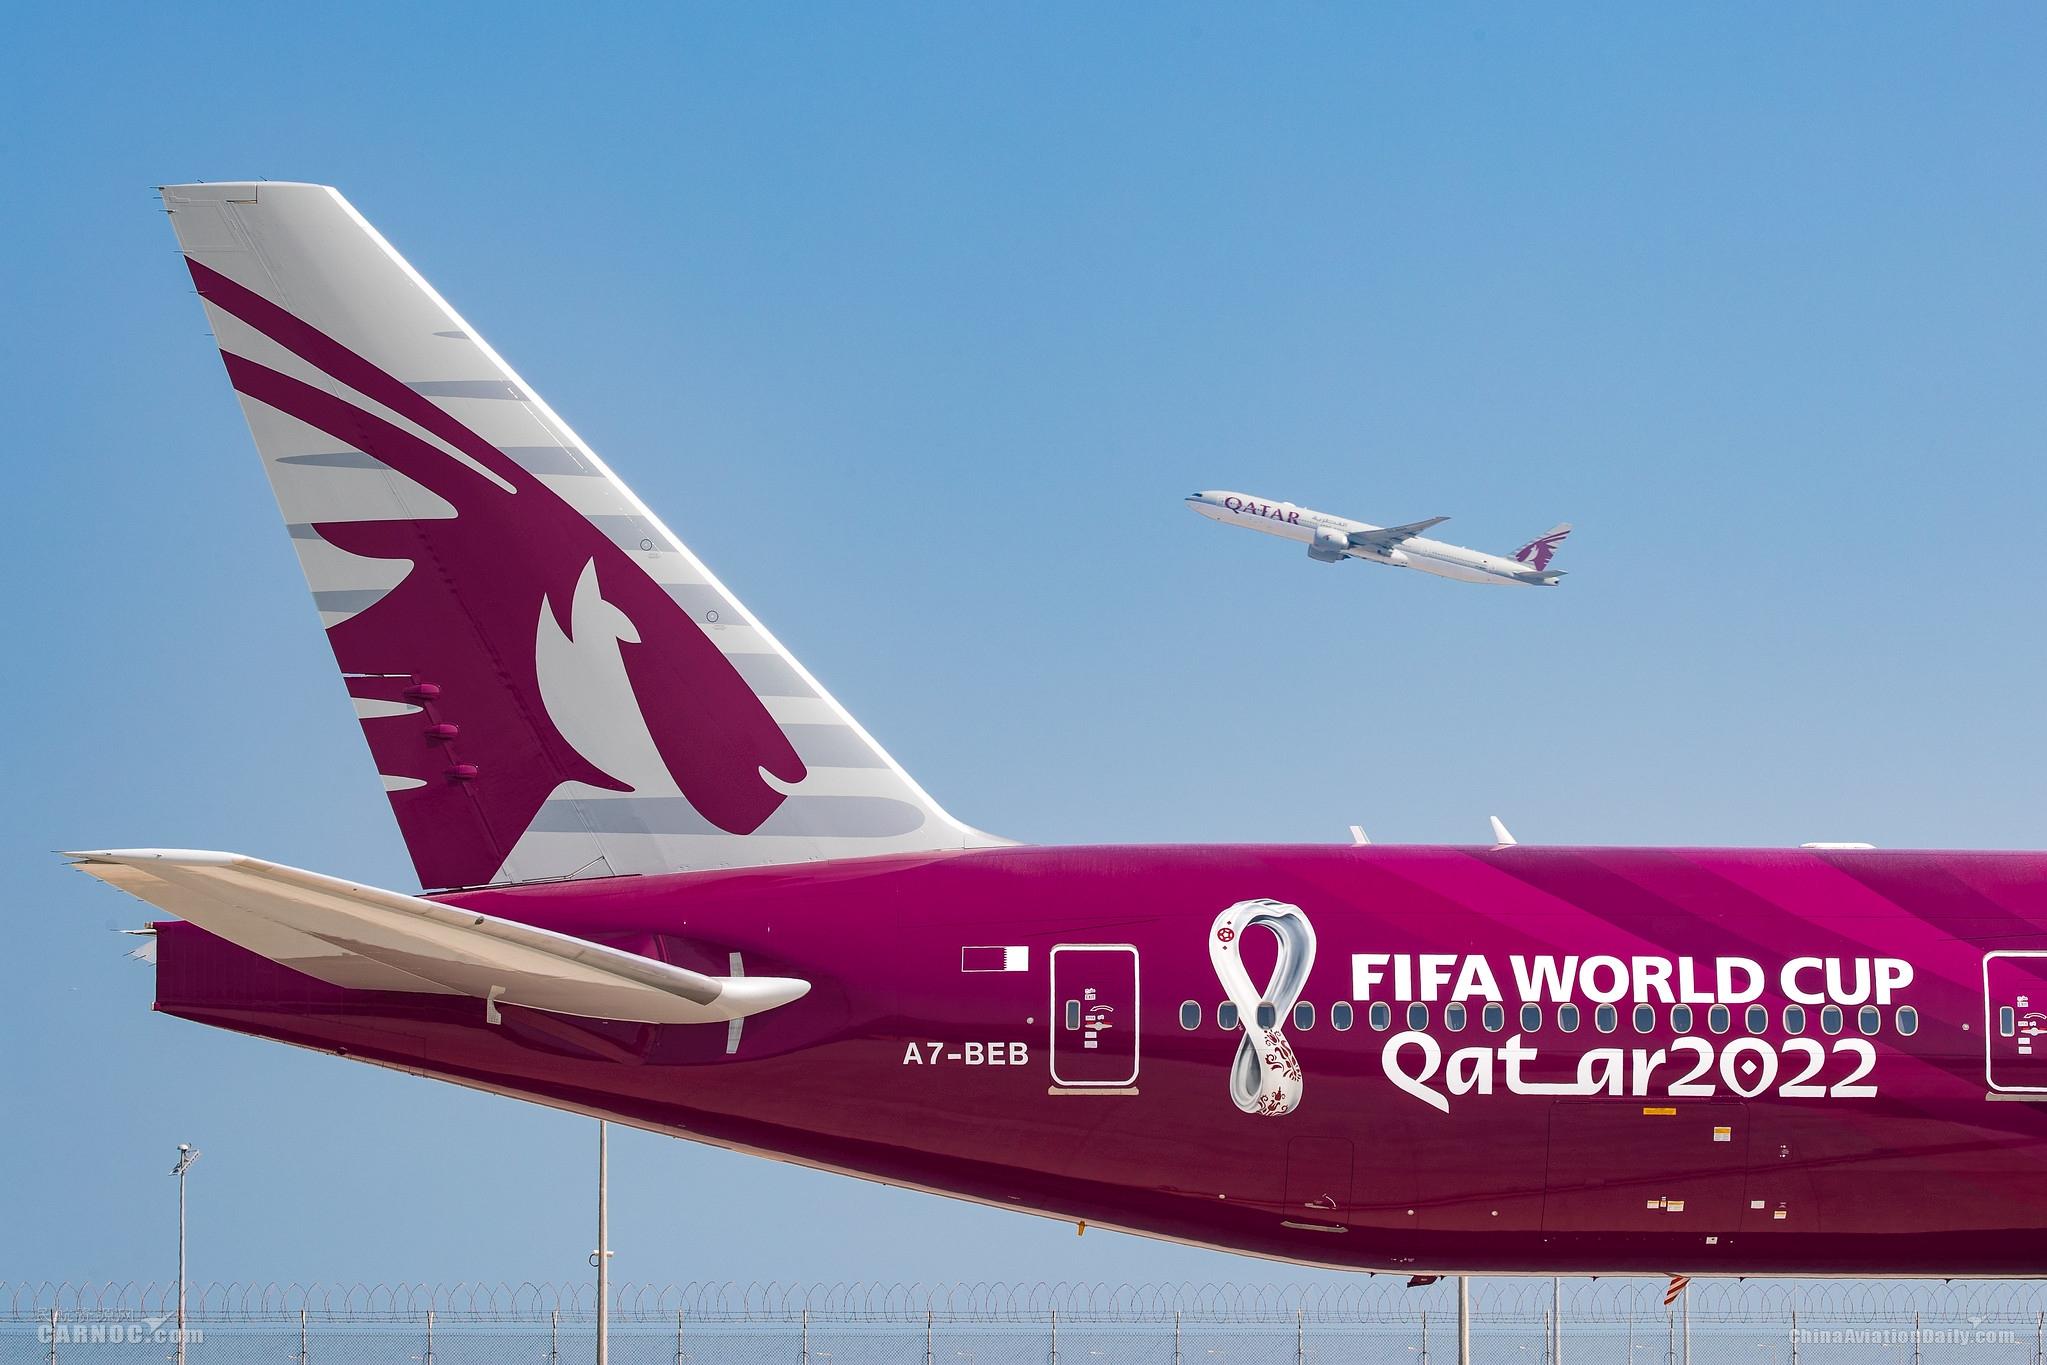 卡塔尔航空揭幕首架国际足联2022年卡塔尔世界杯彩绘飞机